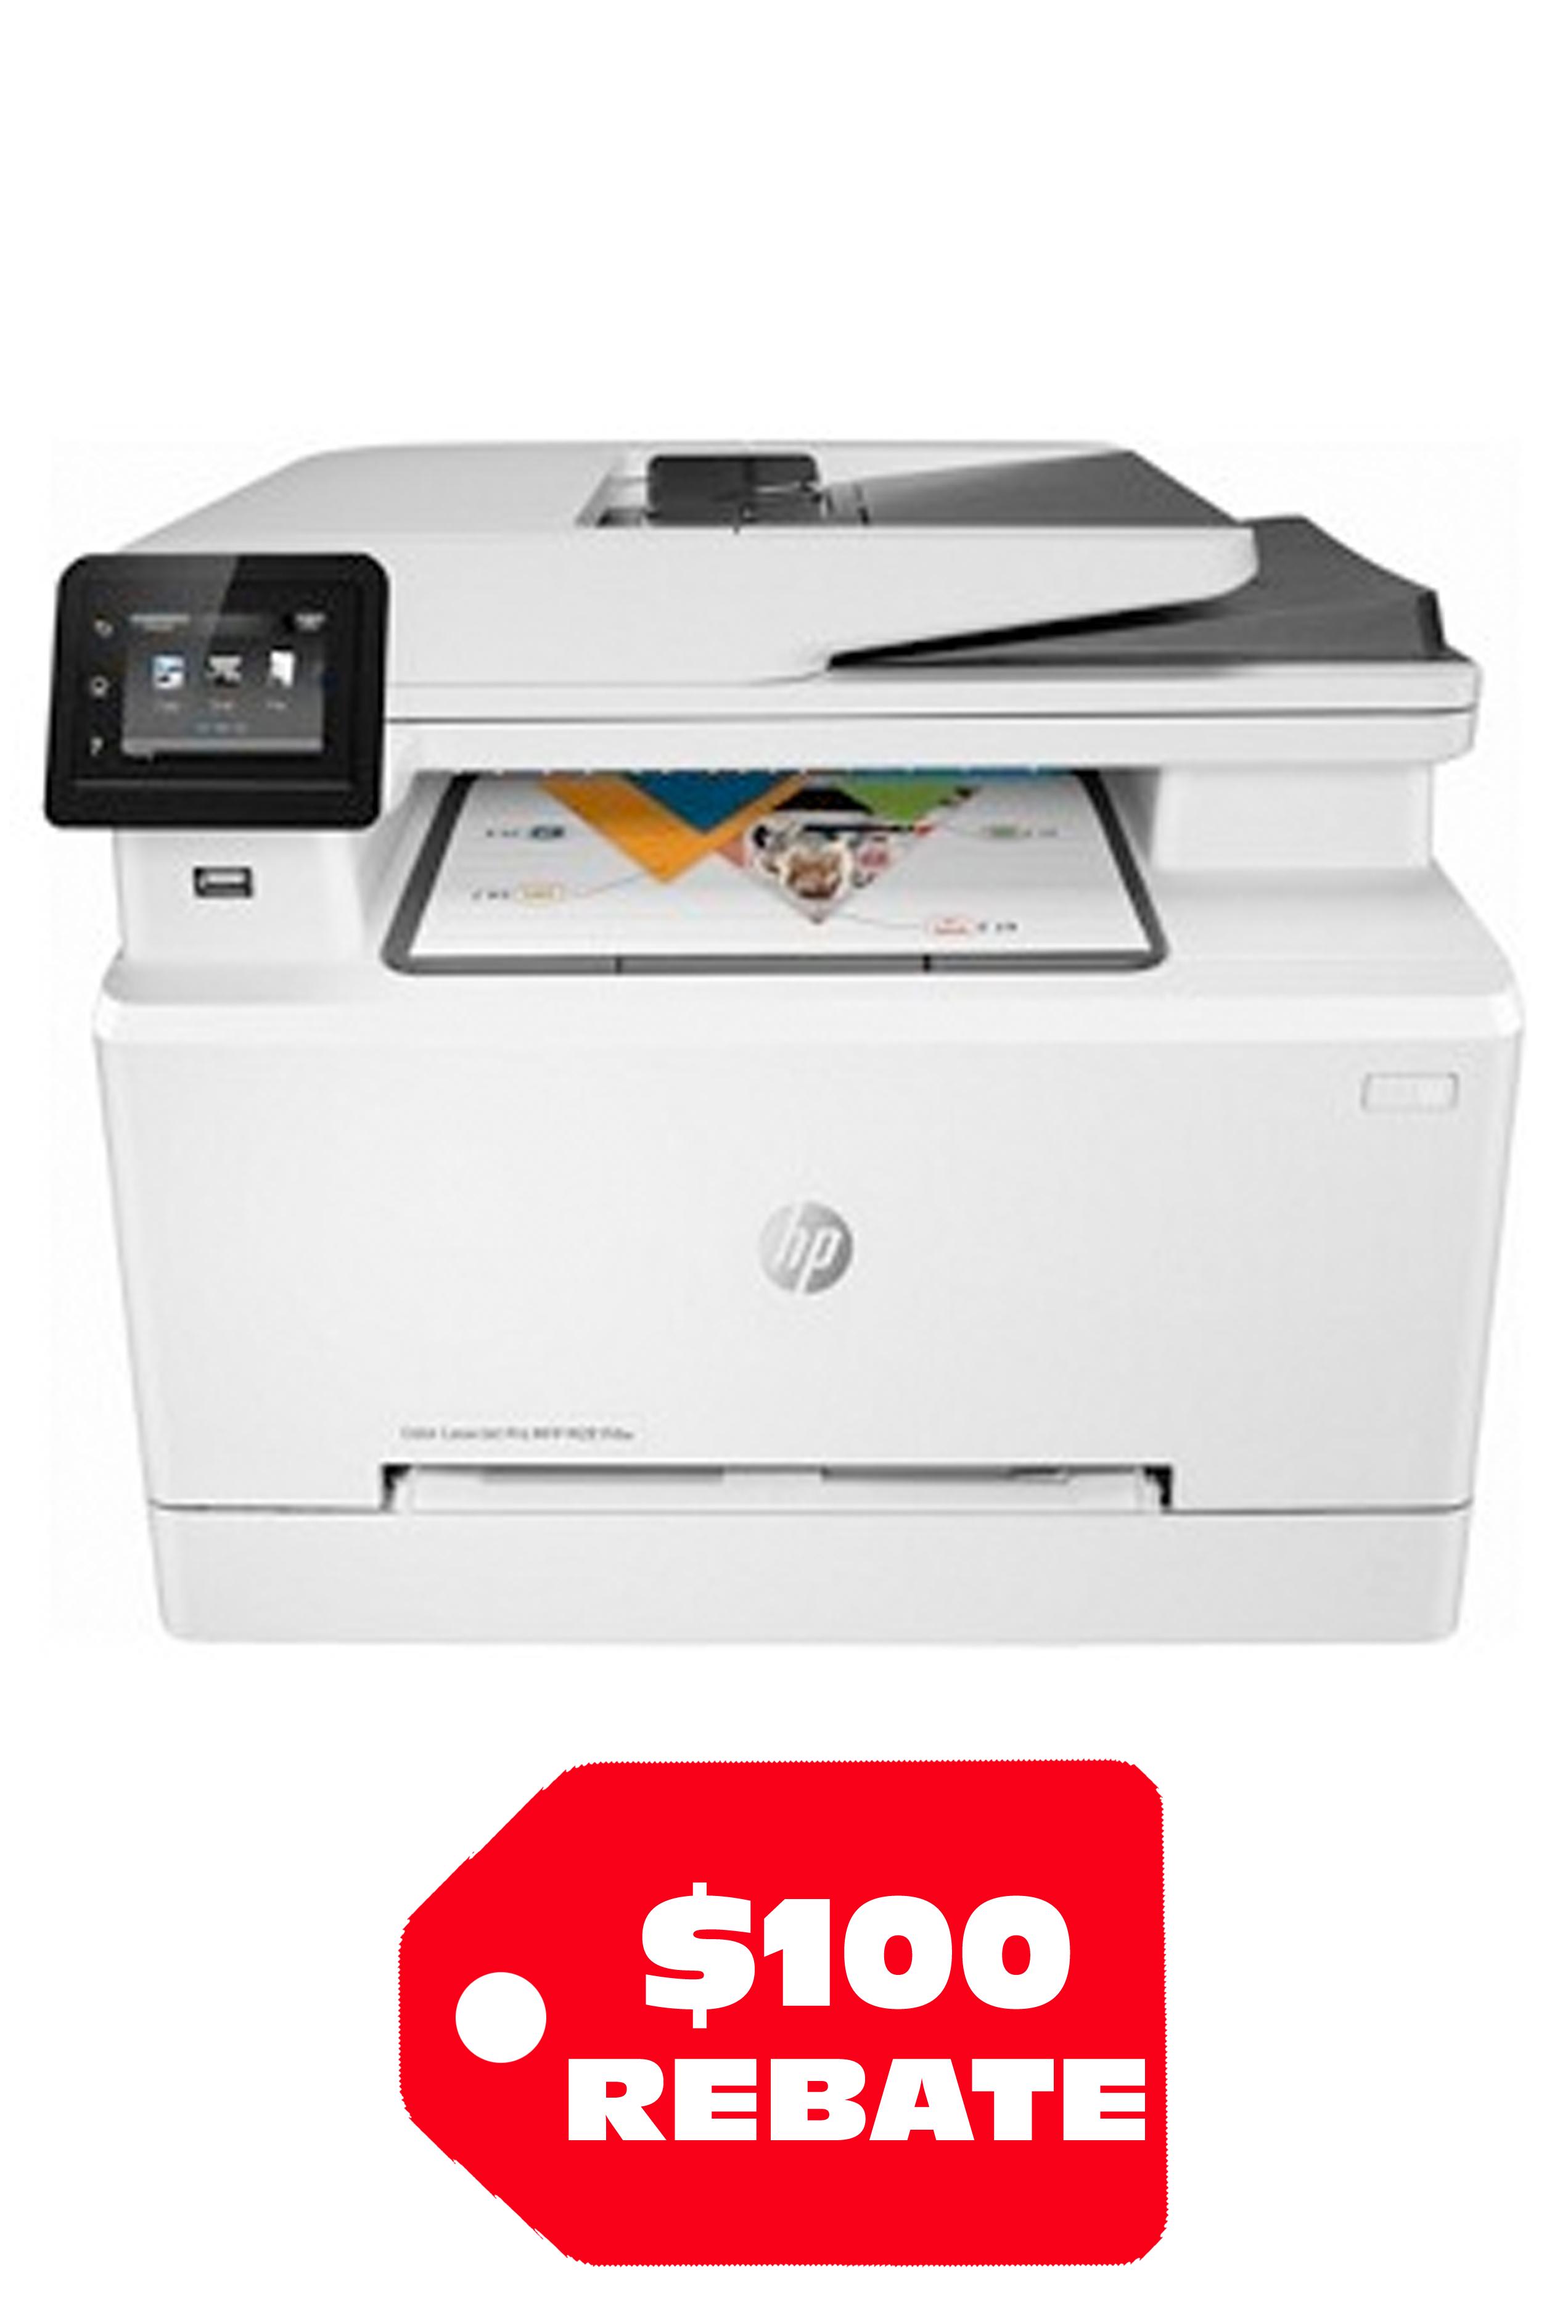 HP Color LaserJet Pro MFP M281fdw (22ppm)